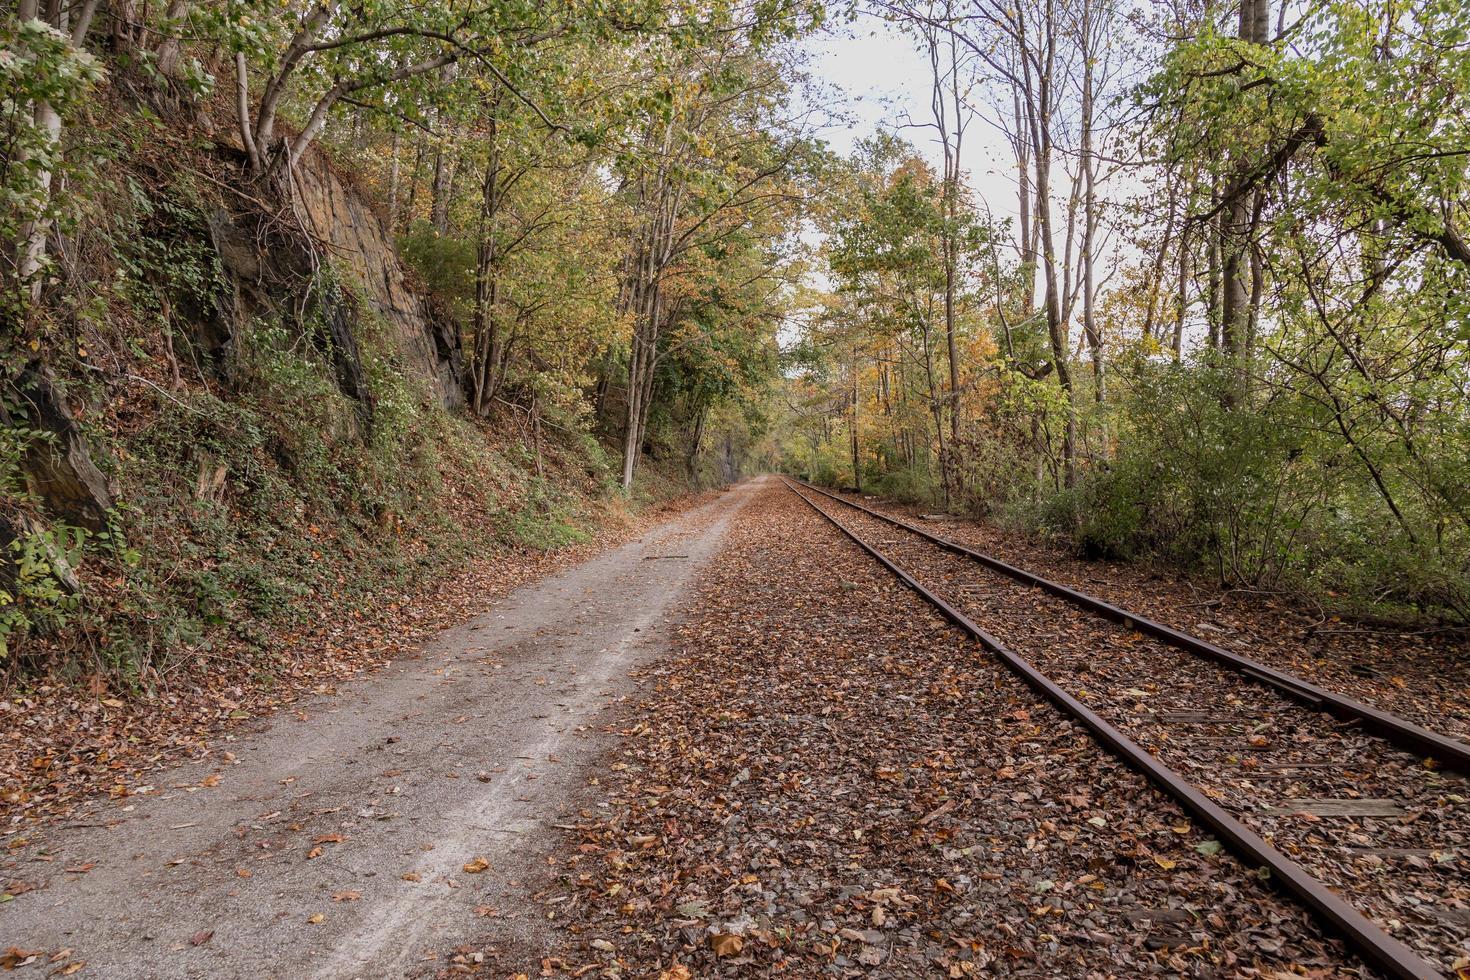 Eisenbahnstrecke im Herbst foto